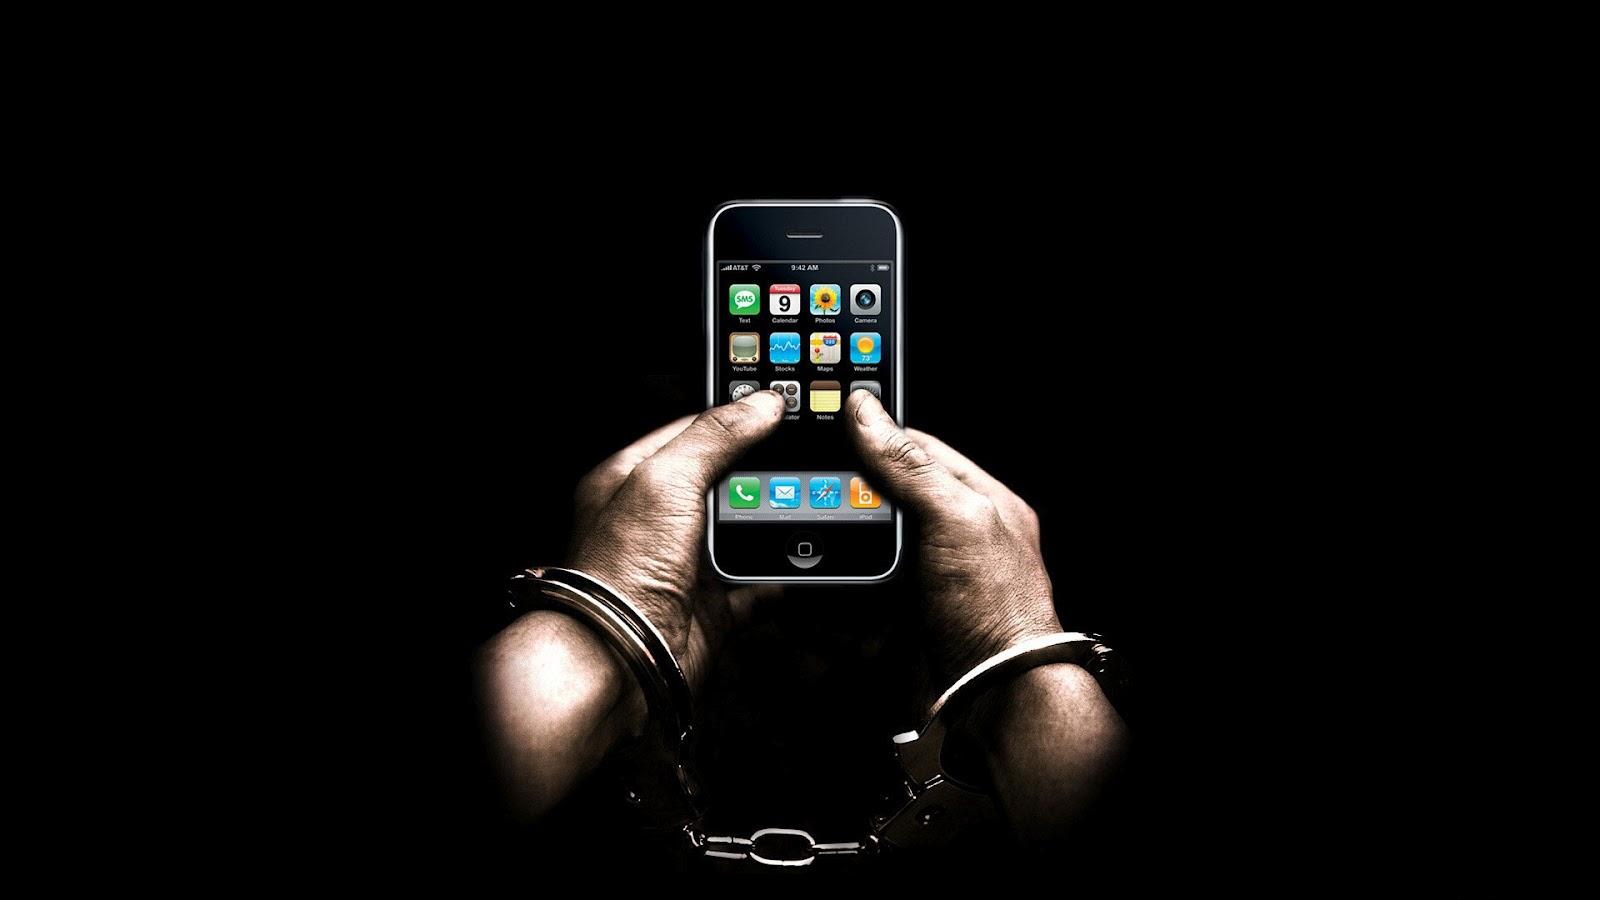 http://2.bp.blogspot.com/-vQqnTc3uF-U/T4rTOPb7uPI/AAAAAAAAAe0/mArpVuIQfeA/s1600/iPhone-Fetters-Funny-Desktop-Wallpaper.jpg